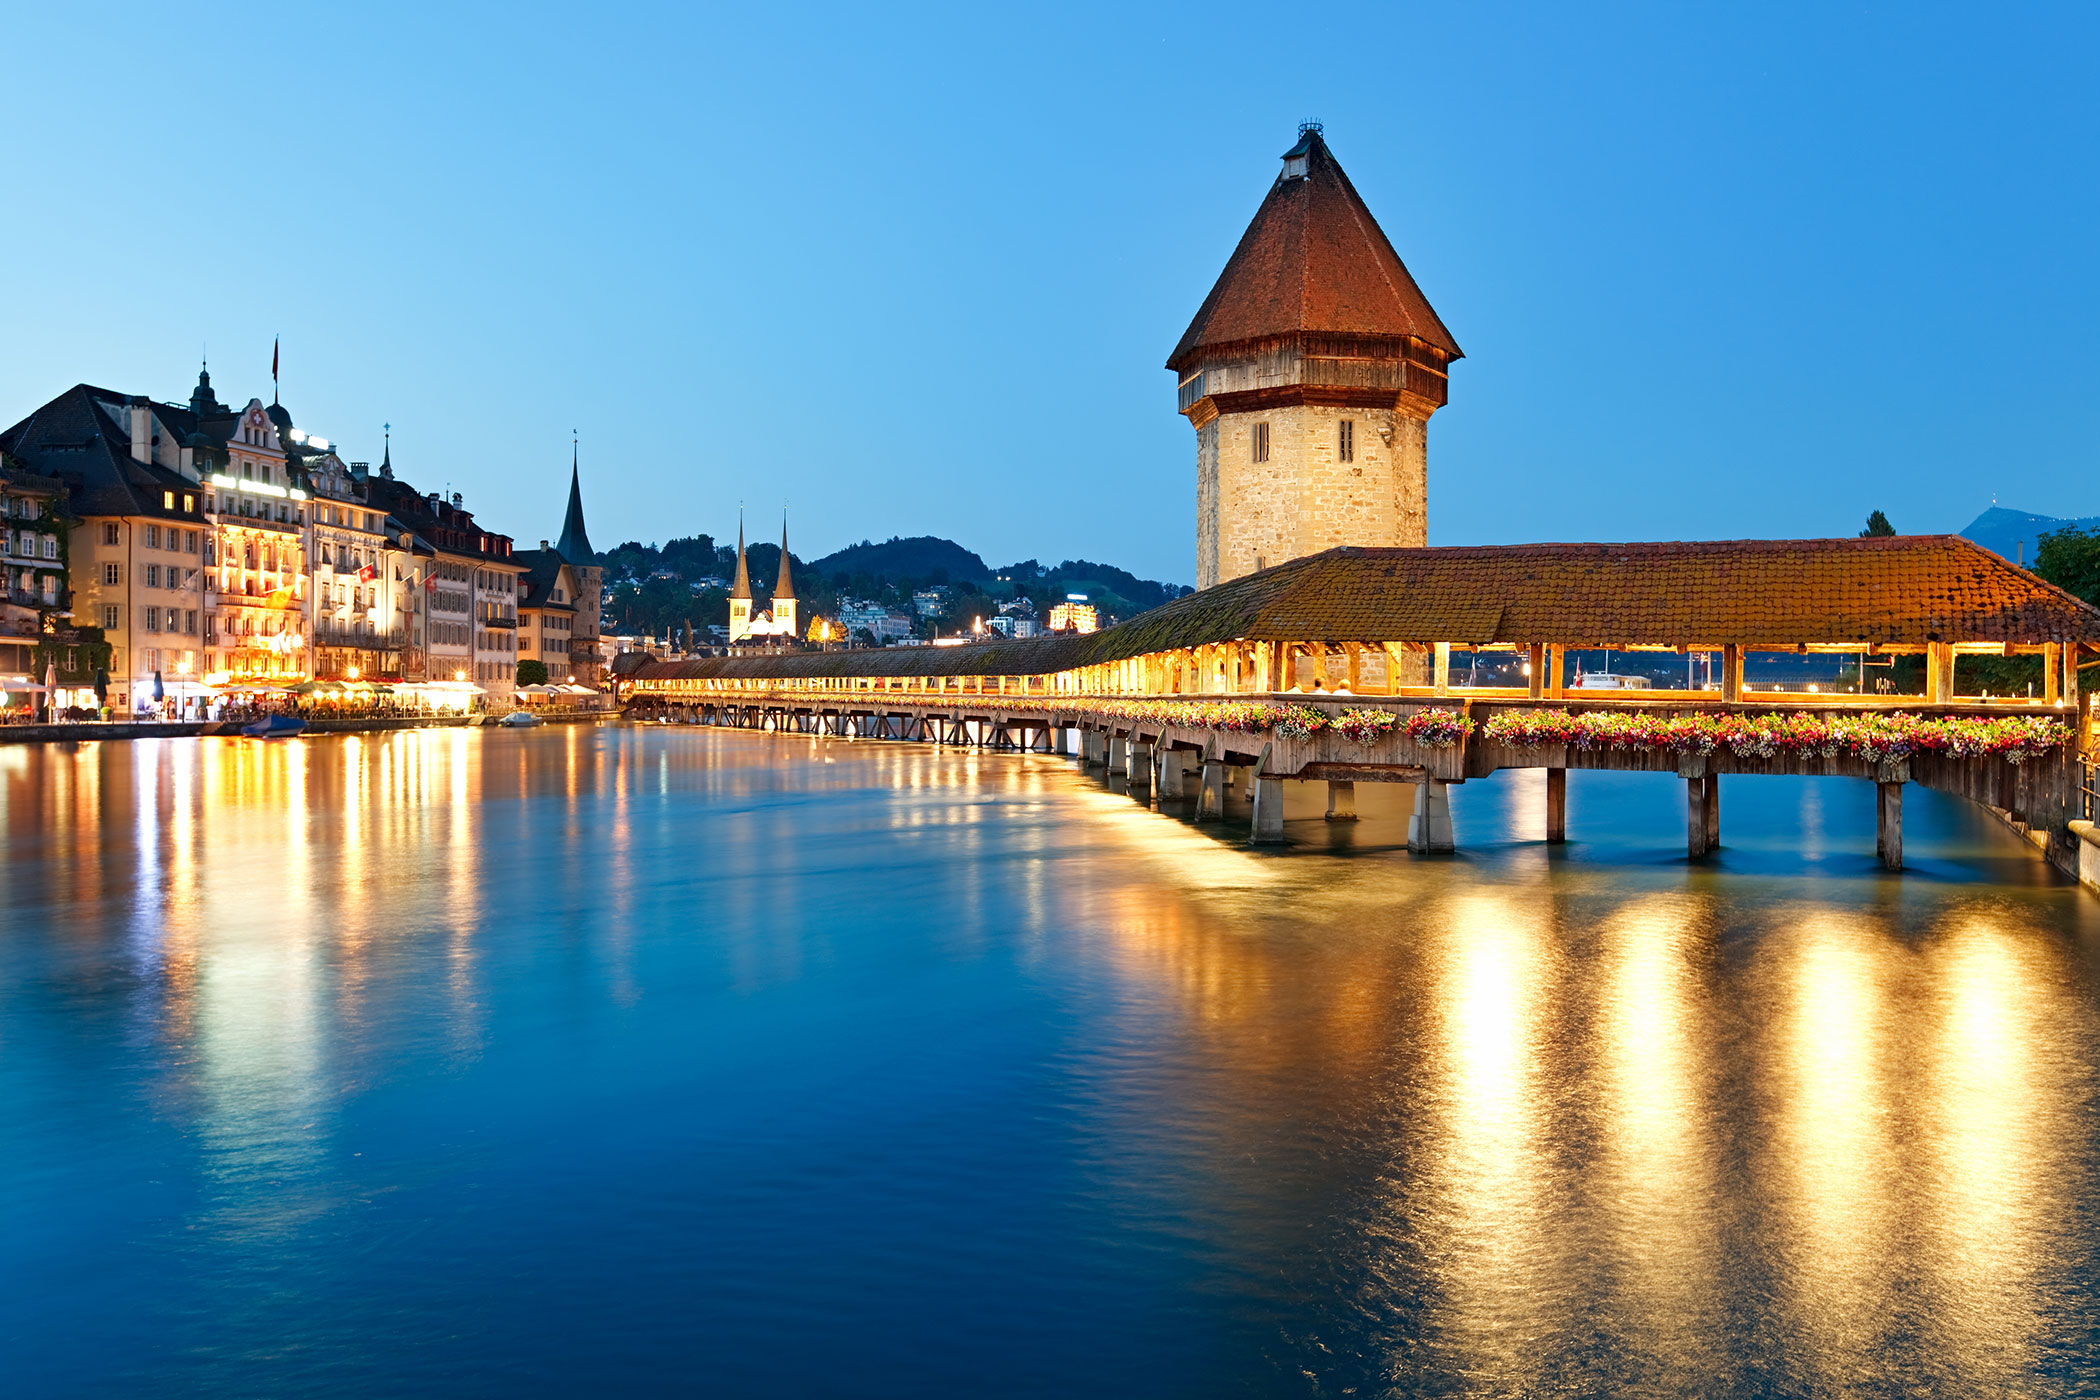 Ausflüge, Sightseeing Tours in der Schweiz mit Al Car Limousine • Bus Service